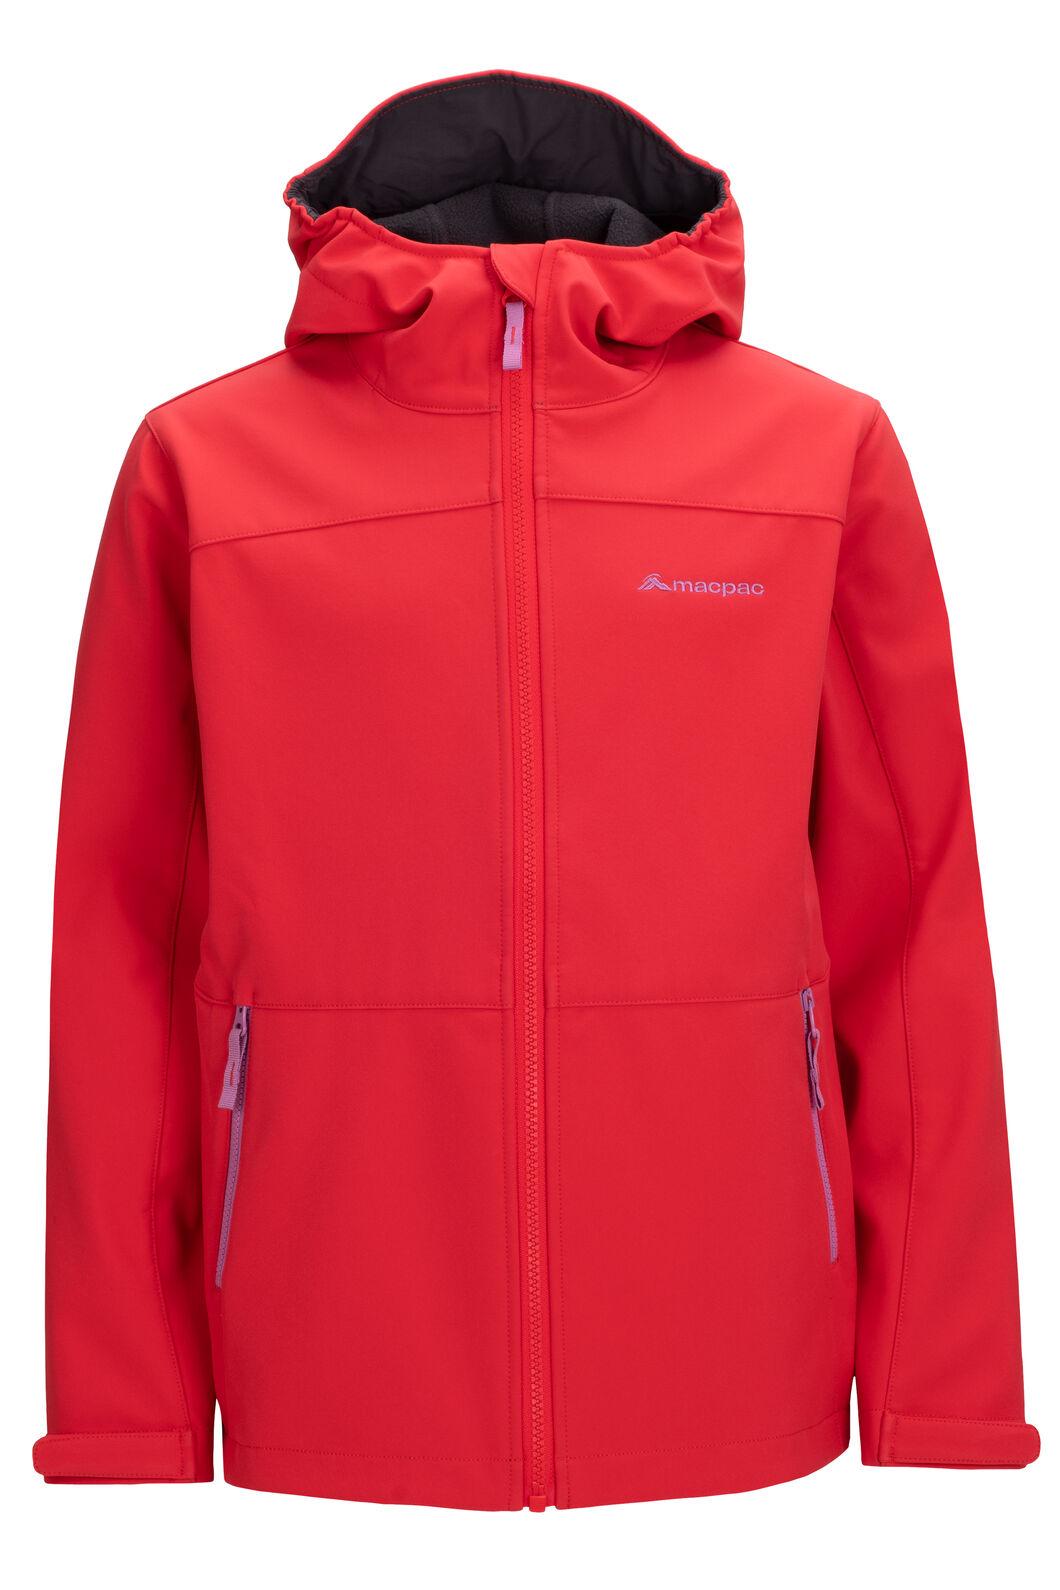 Macpac Kids' Sabre Hooded Softshell Jacket, Hibiscus, hi-res